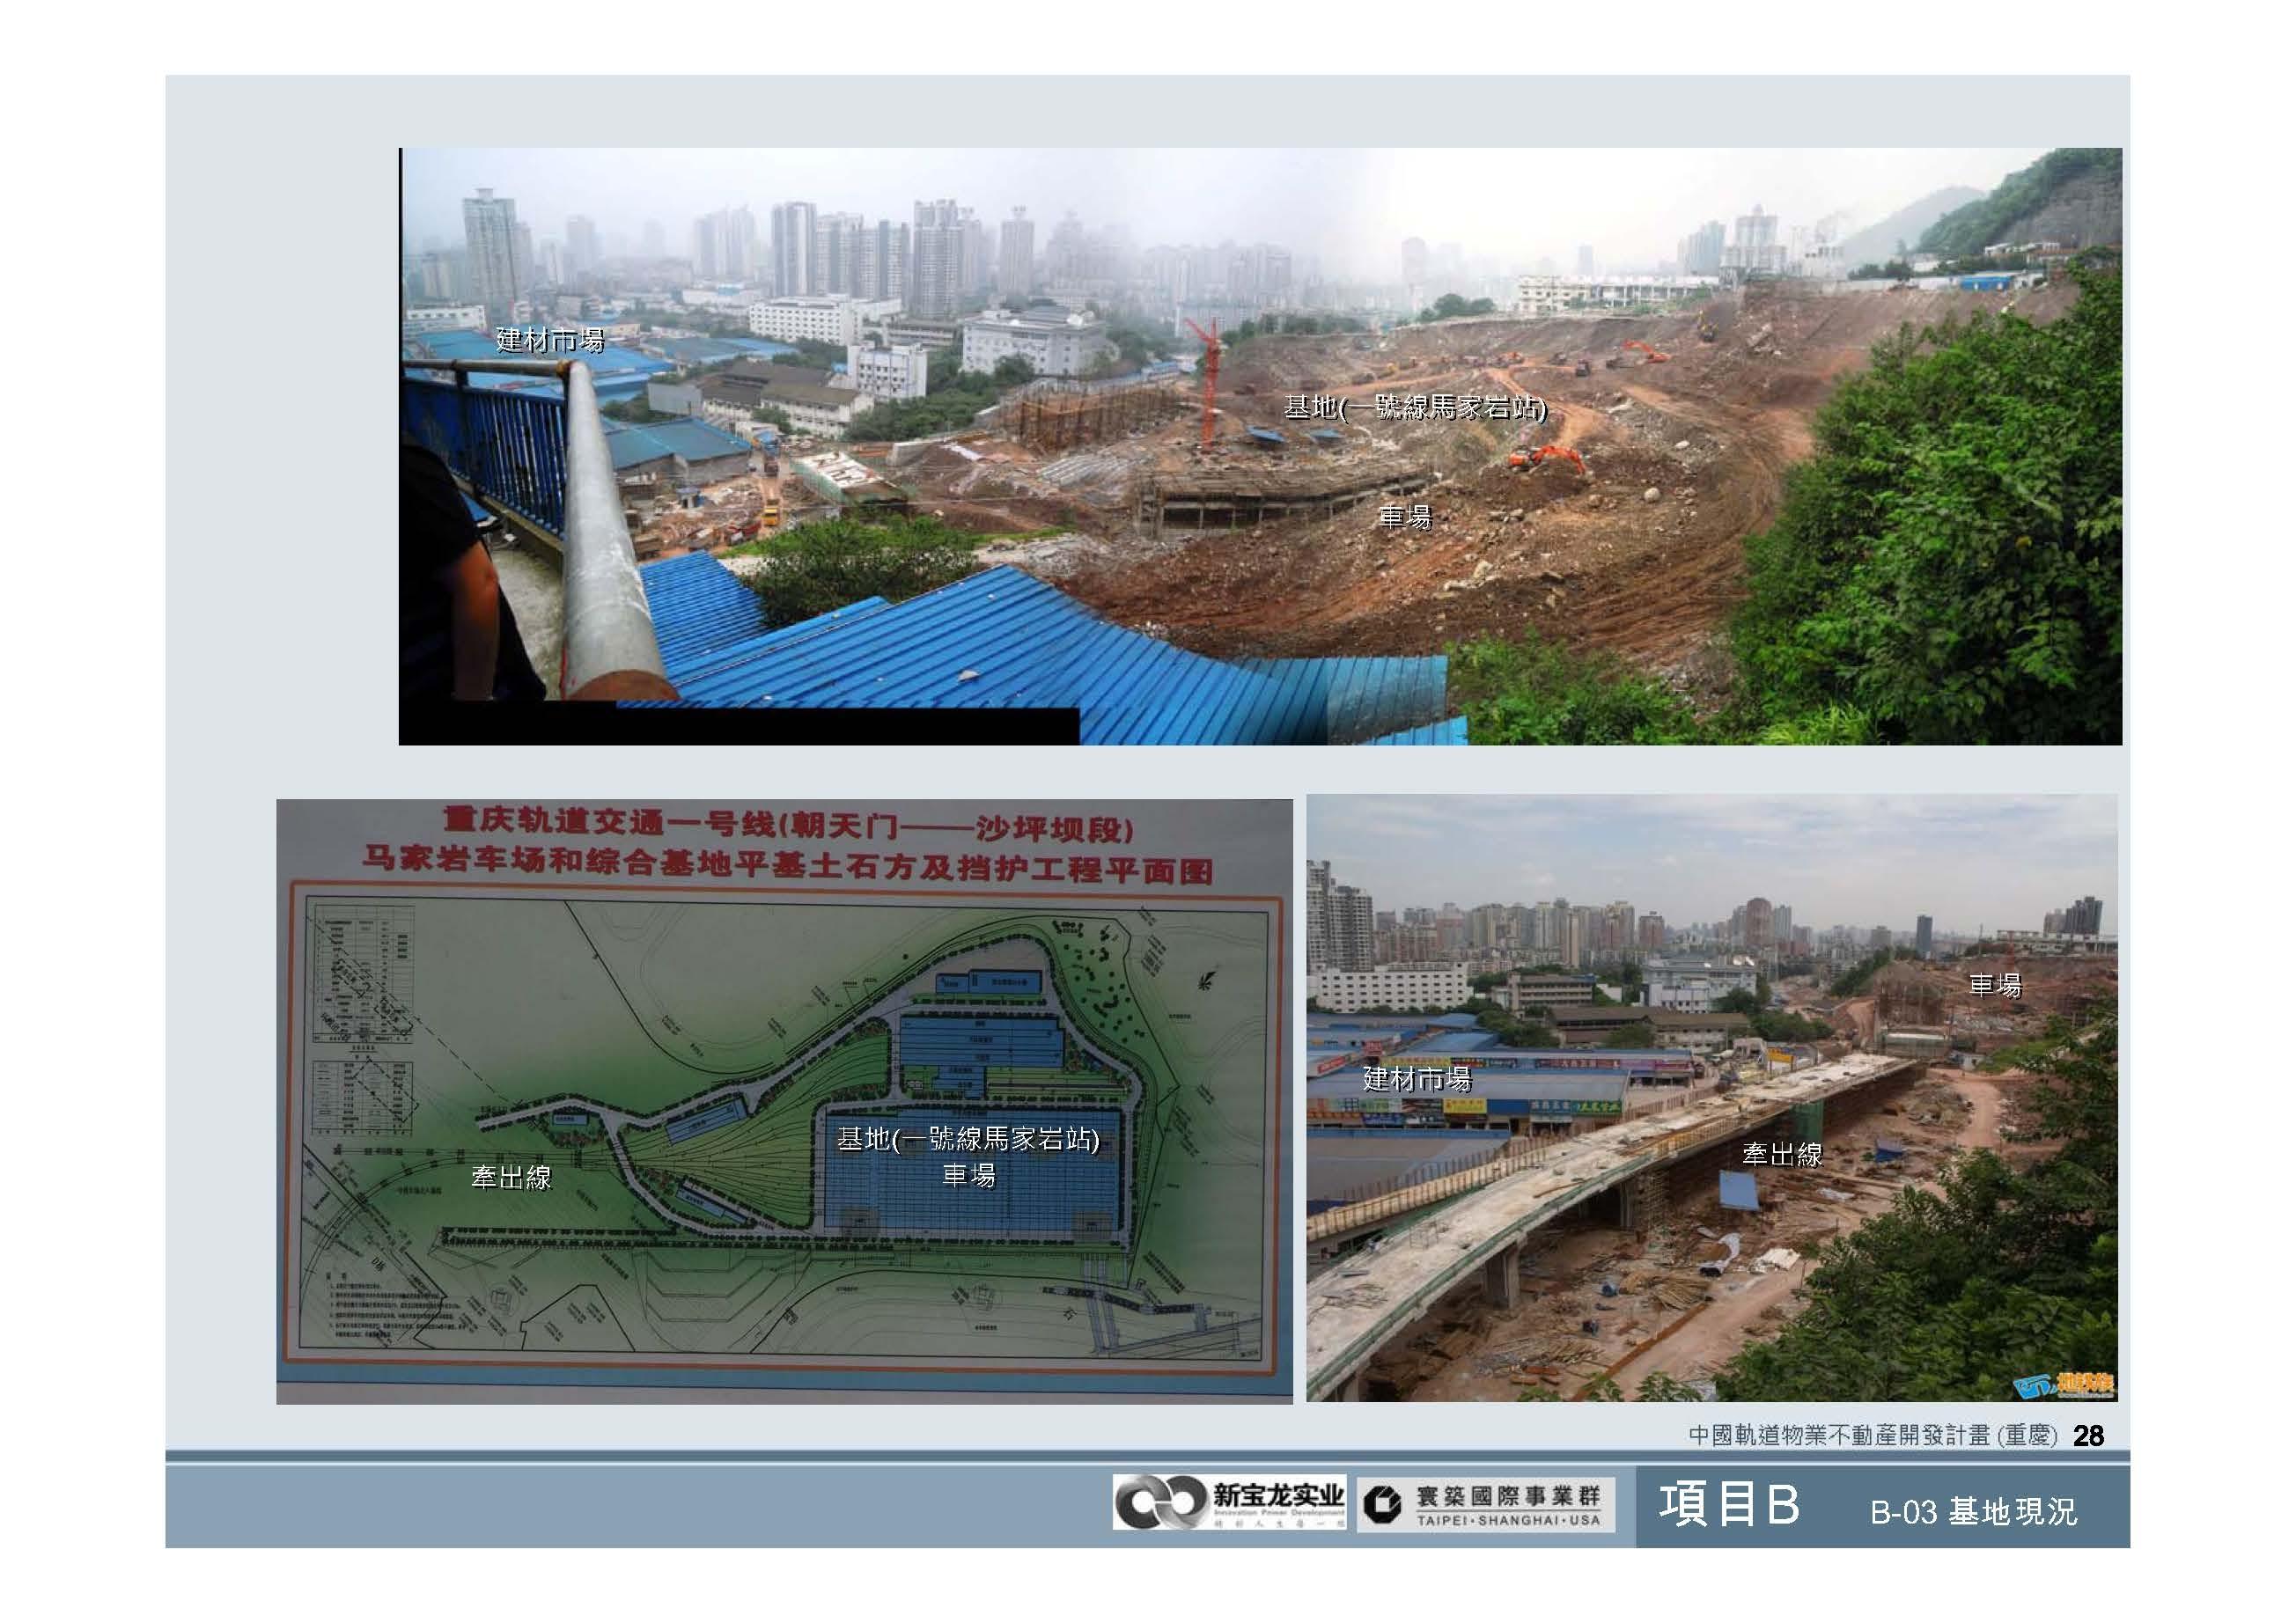 20100812-中國軌道物業不動產開發計畫(重慶)_頁面_29